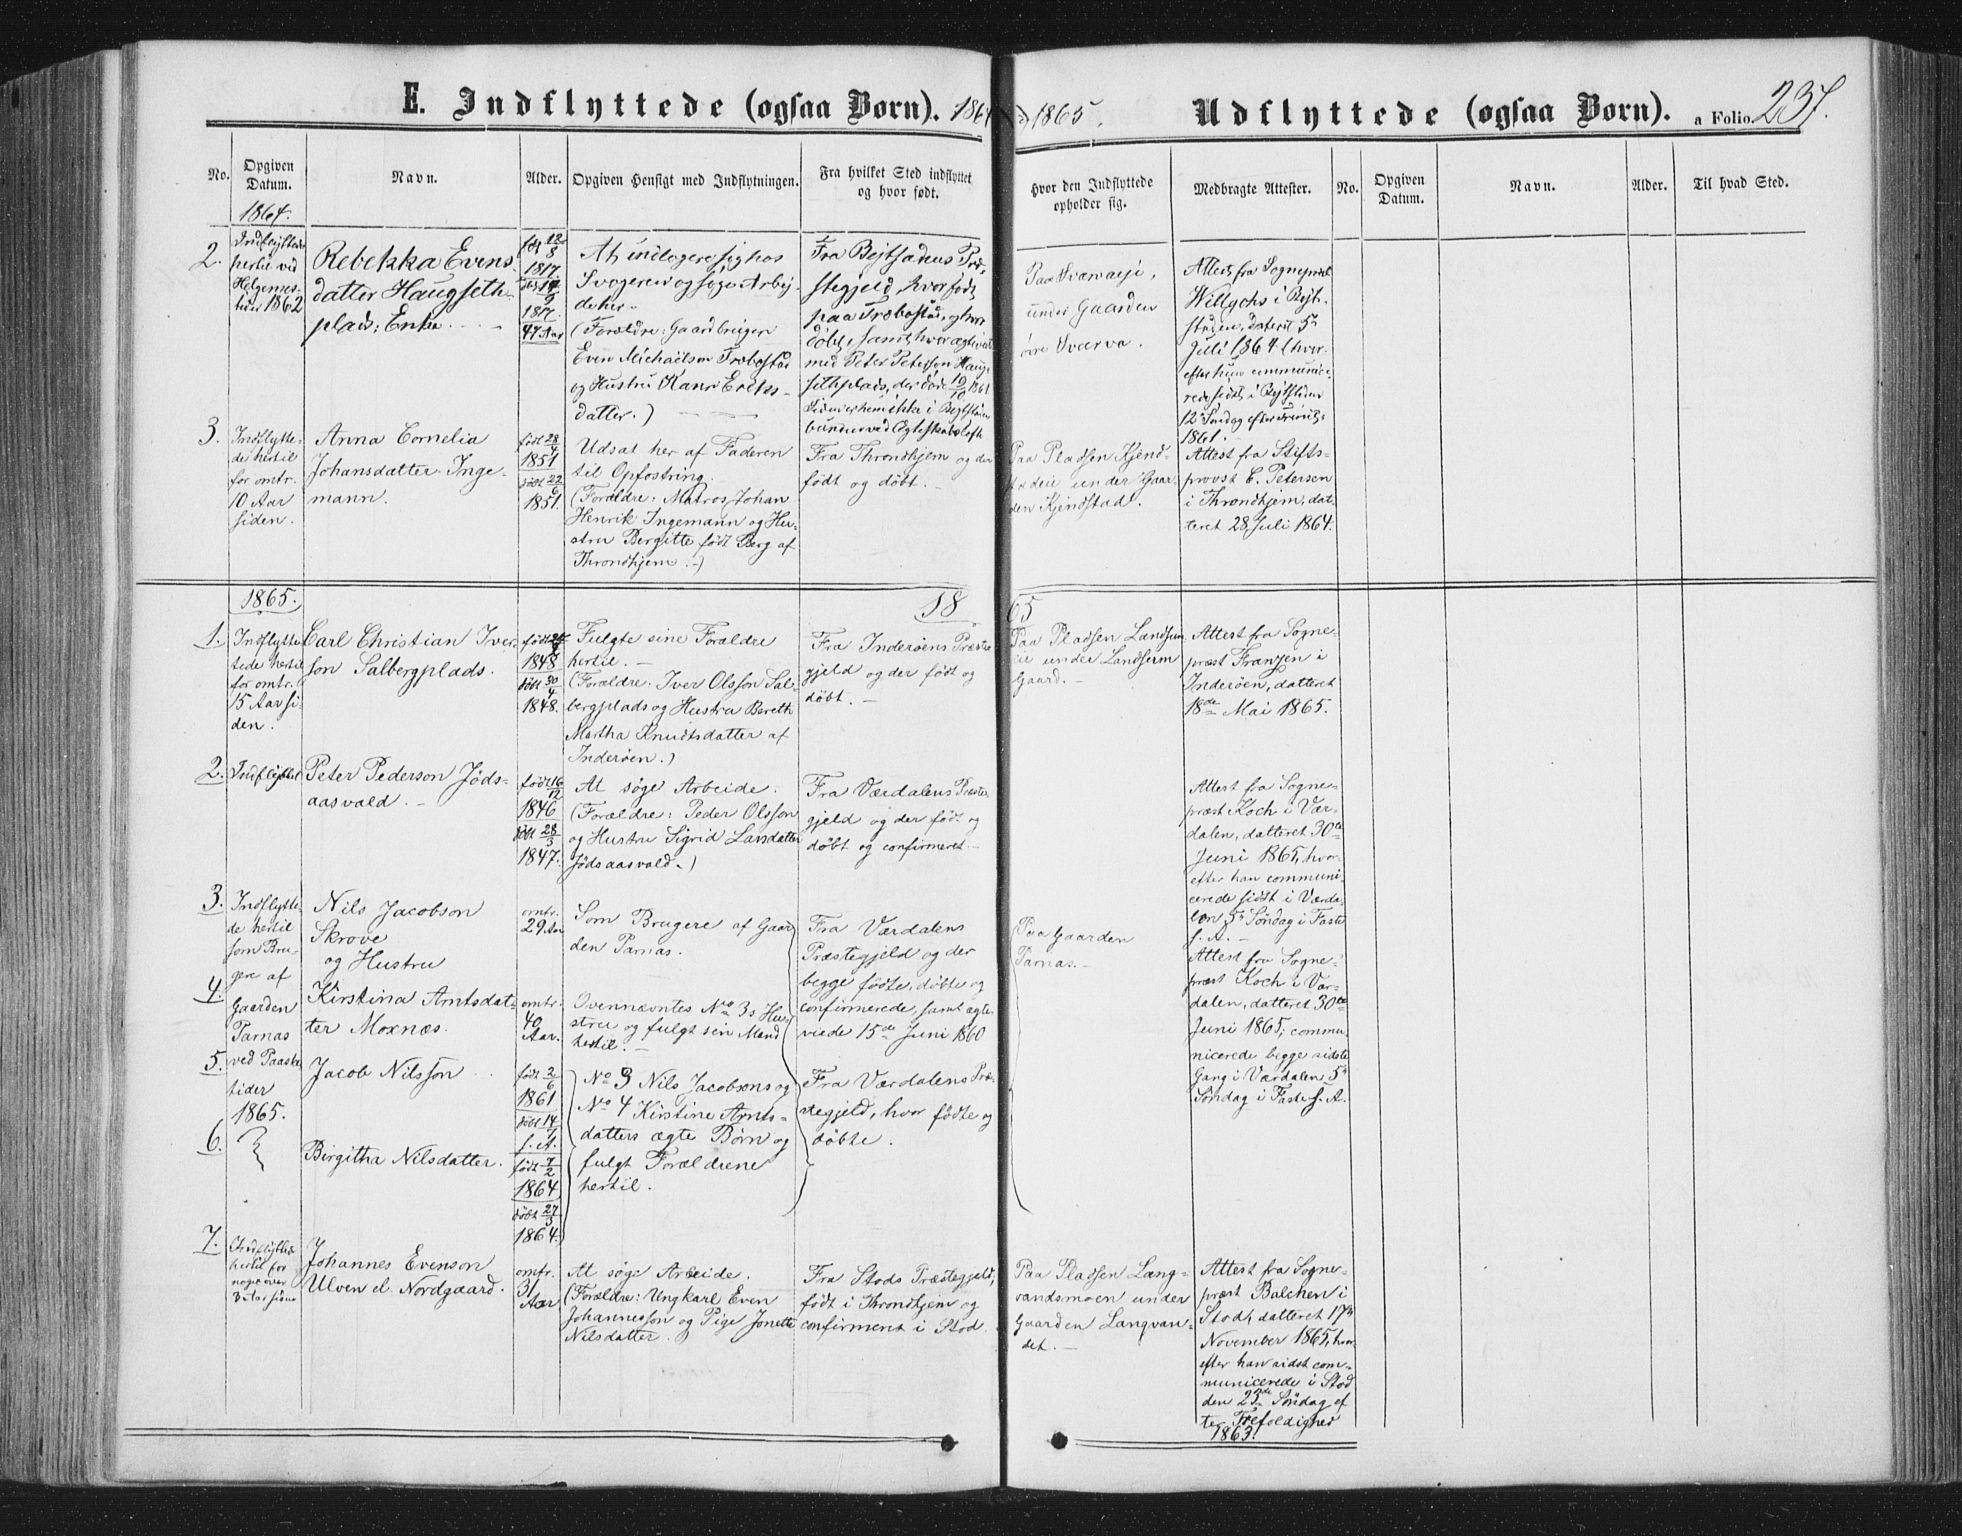 SAT, Ministerialprotokoller, klokkerbøker og fødselsregistre - Nord-Trøndelag, 749/L0472: Ministerialbok nr. 749A06, 1857-1873, s. 237